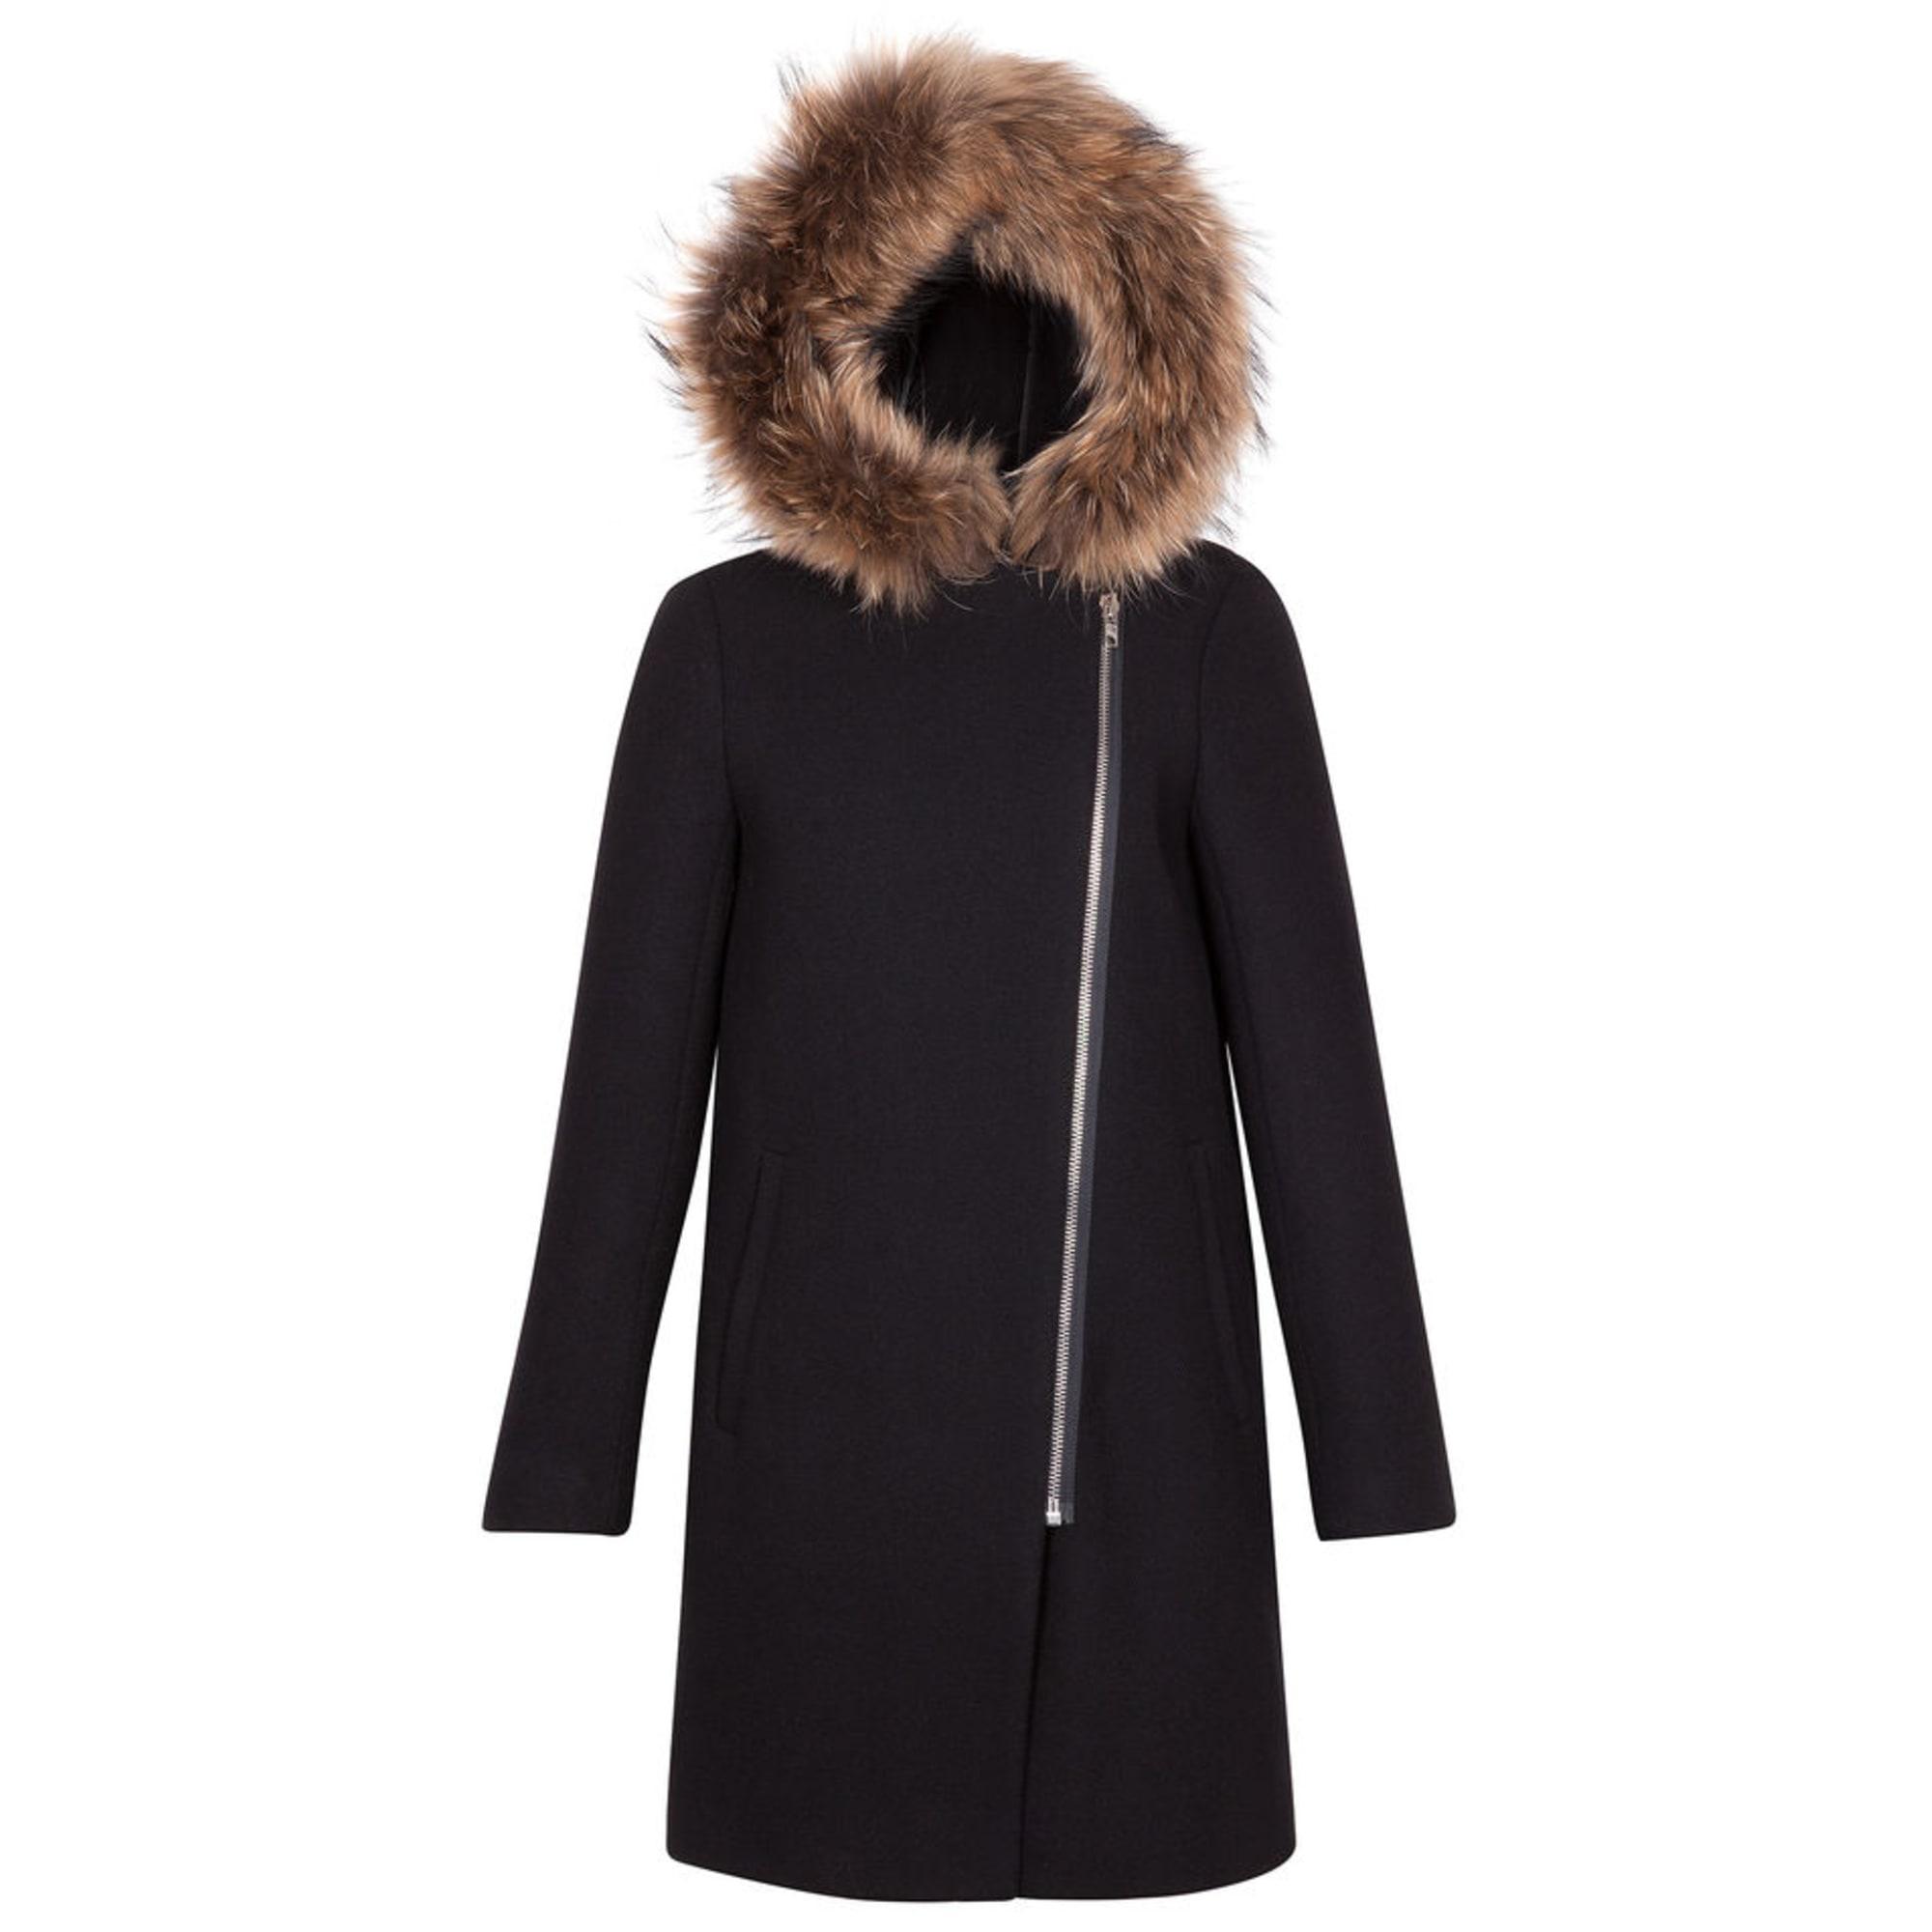 Manteau SANDRO 36 (S, T1) noir vendu par Je284524 6133559